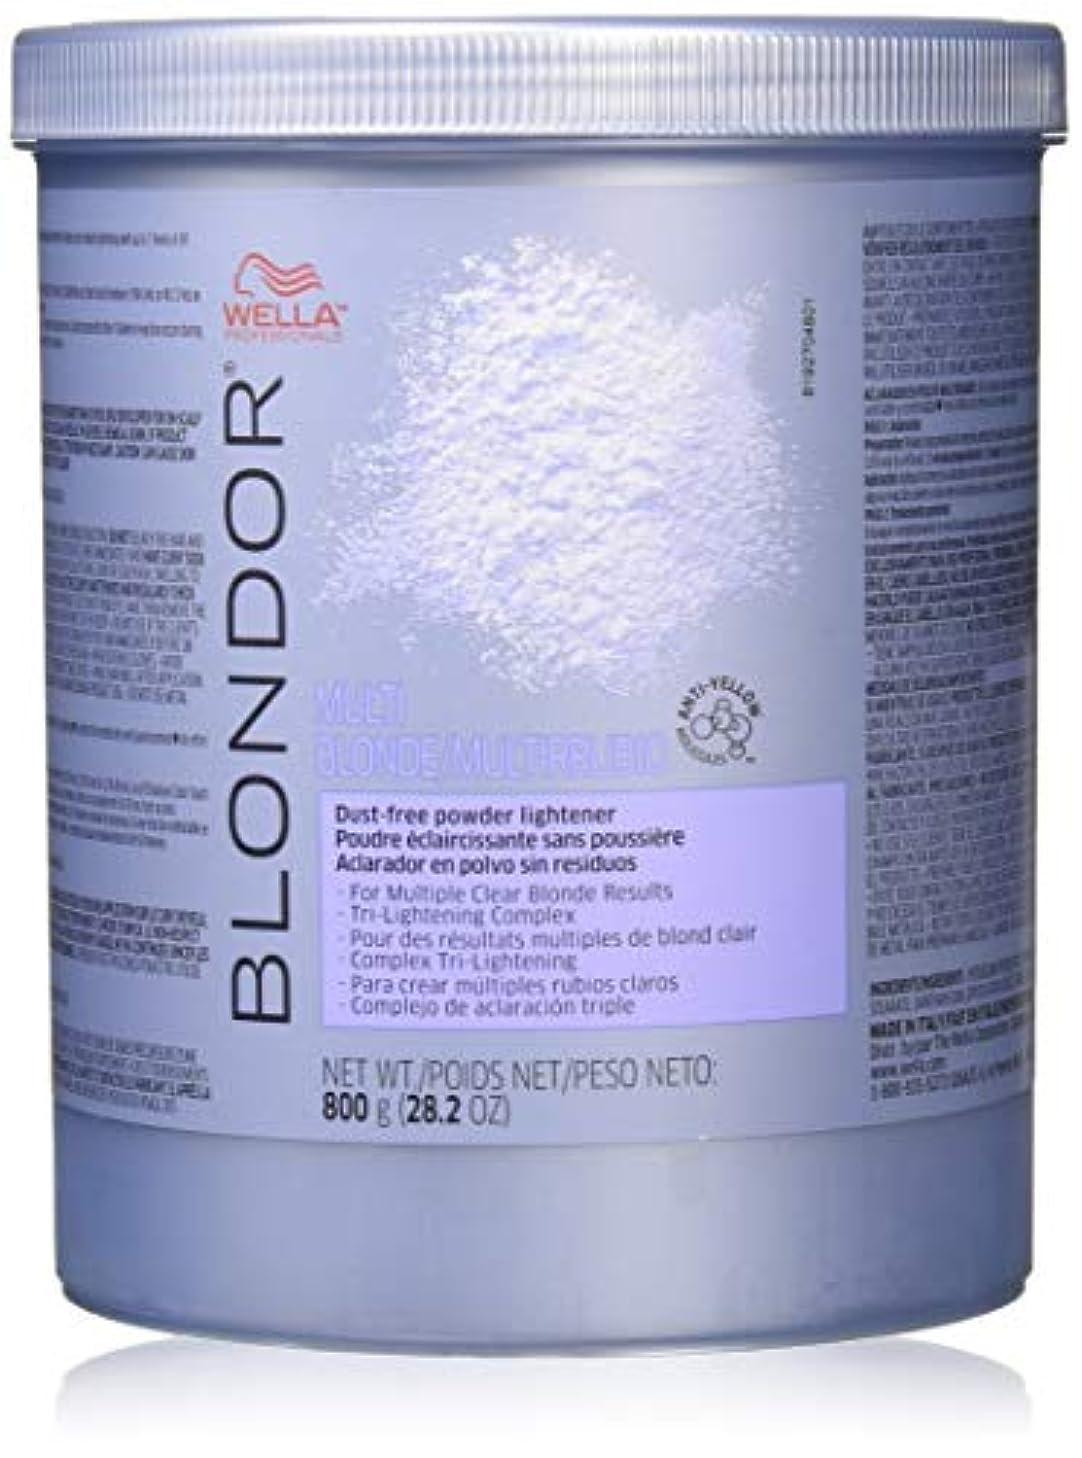 タバコ雲範囲Wella Blondor Multi Blonde Powder Lightener By Wella for Women - 28.2 Ounce Lightener, 28.2 Ounce 141[並行輸入]